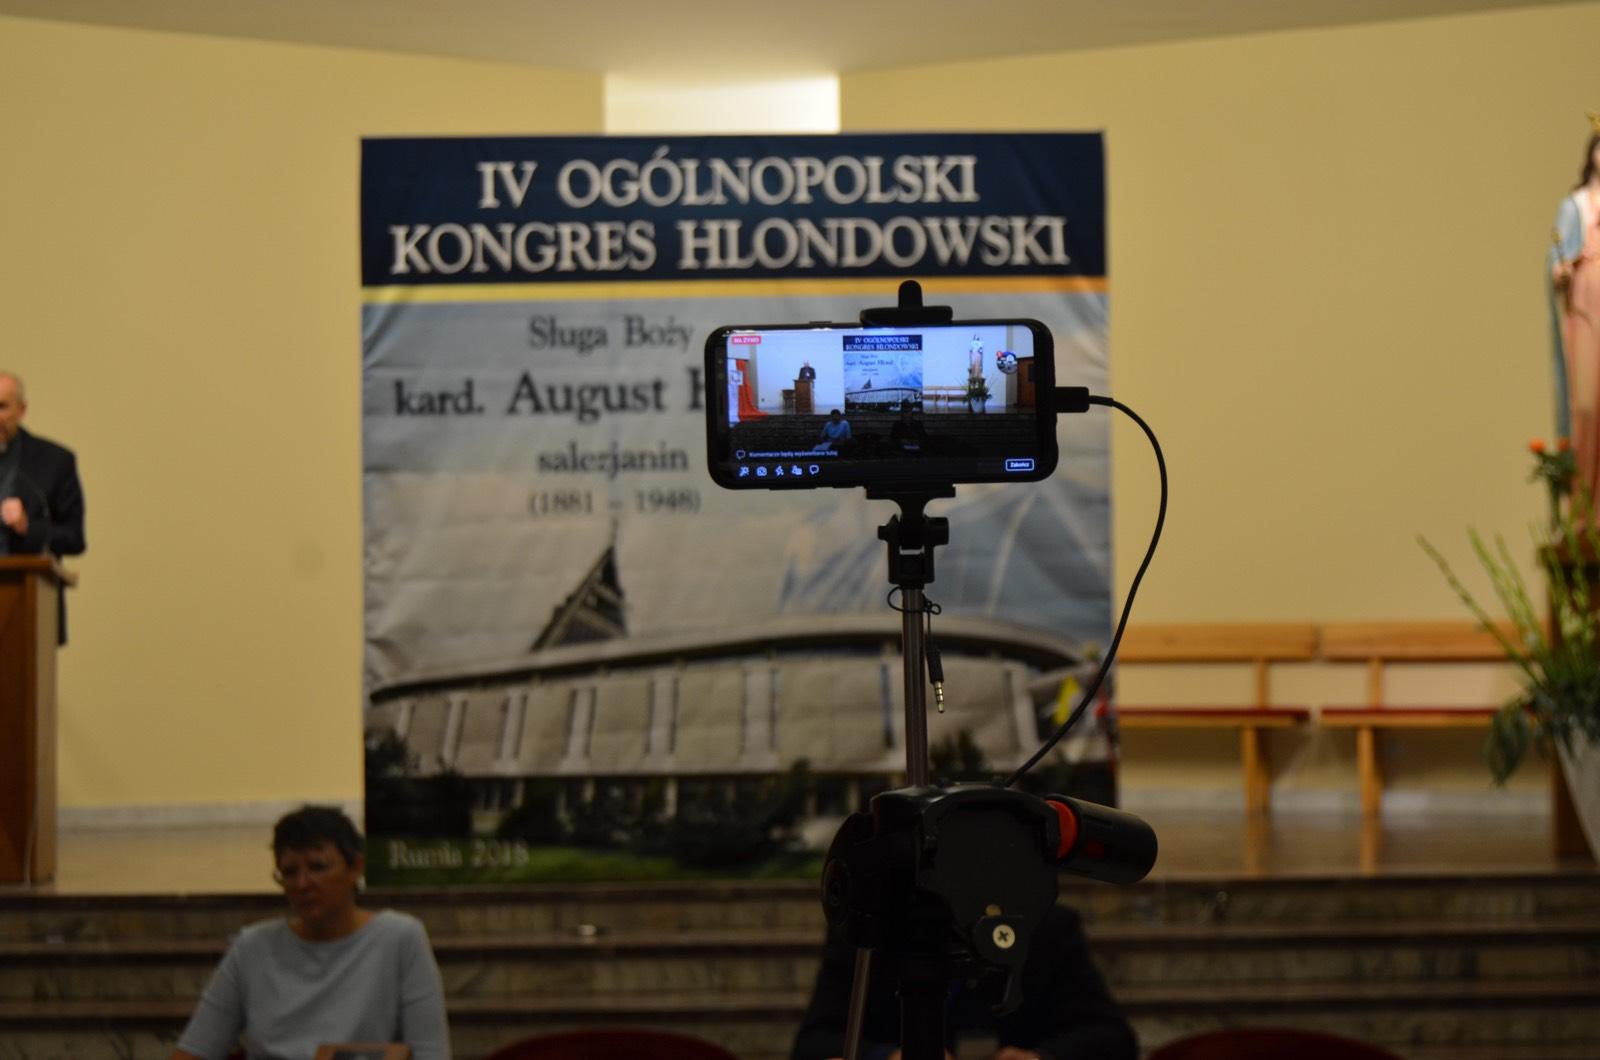 TRANSMISJA: IV Ogólnopolski Kongres Hlondowski